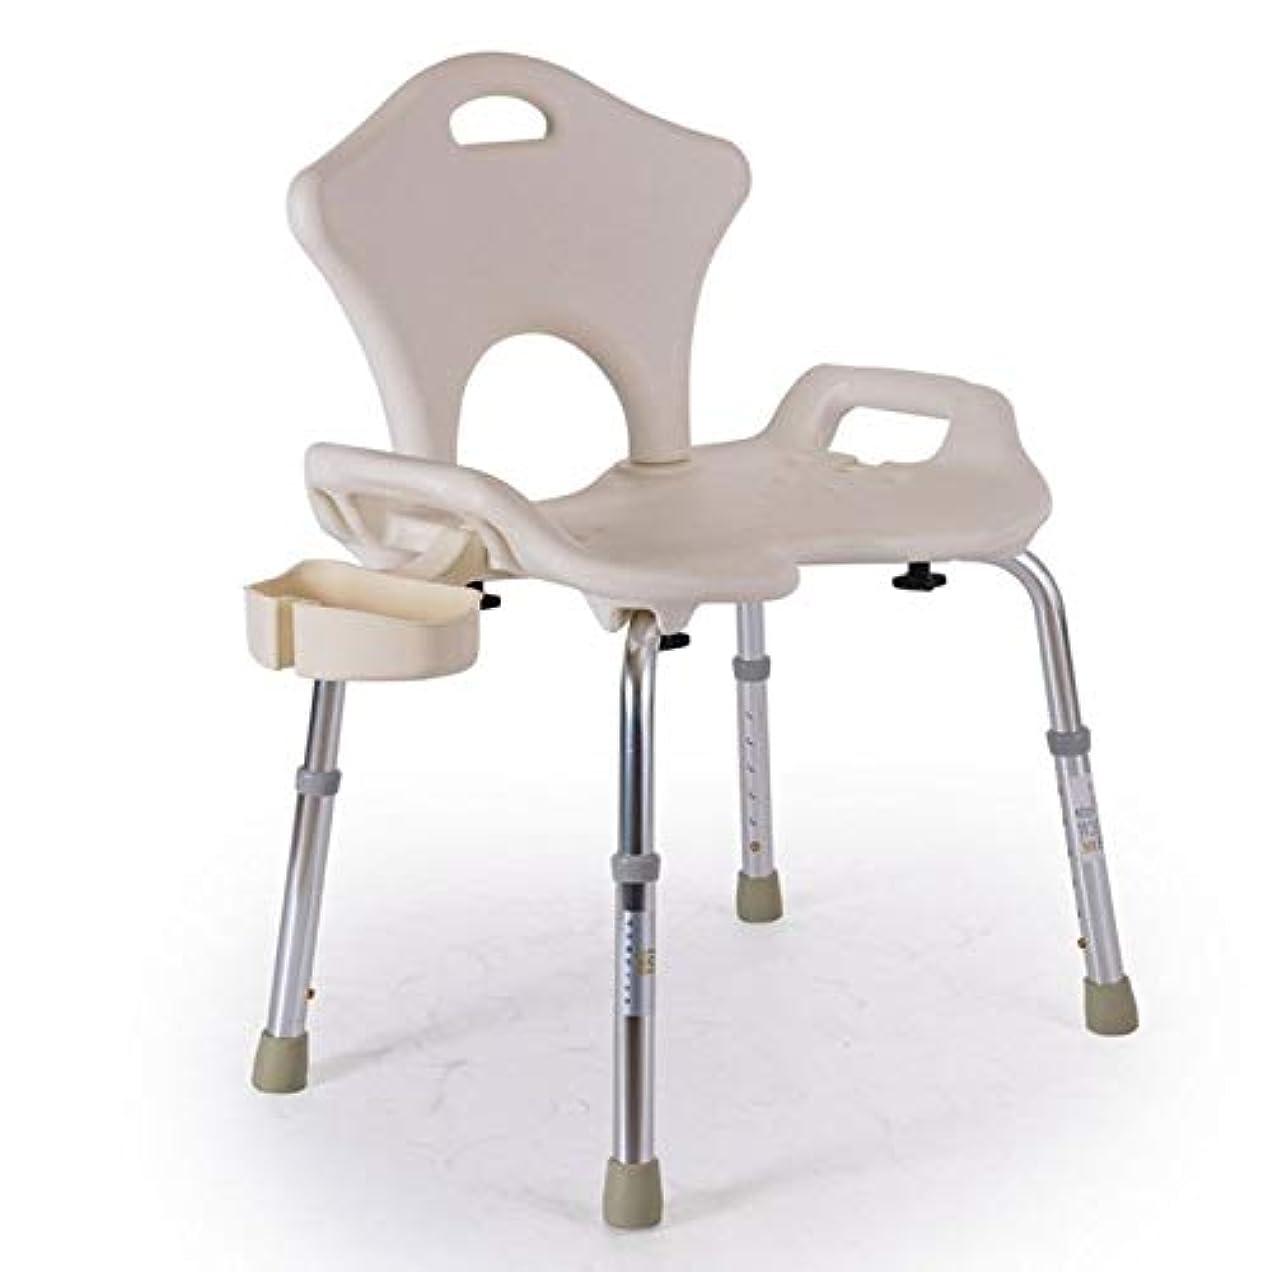 お酒将来のマーガレットミッチェル浴室の椅子、アルミニウム合金の折り畳み式滑り止め風呂椅子